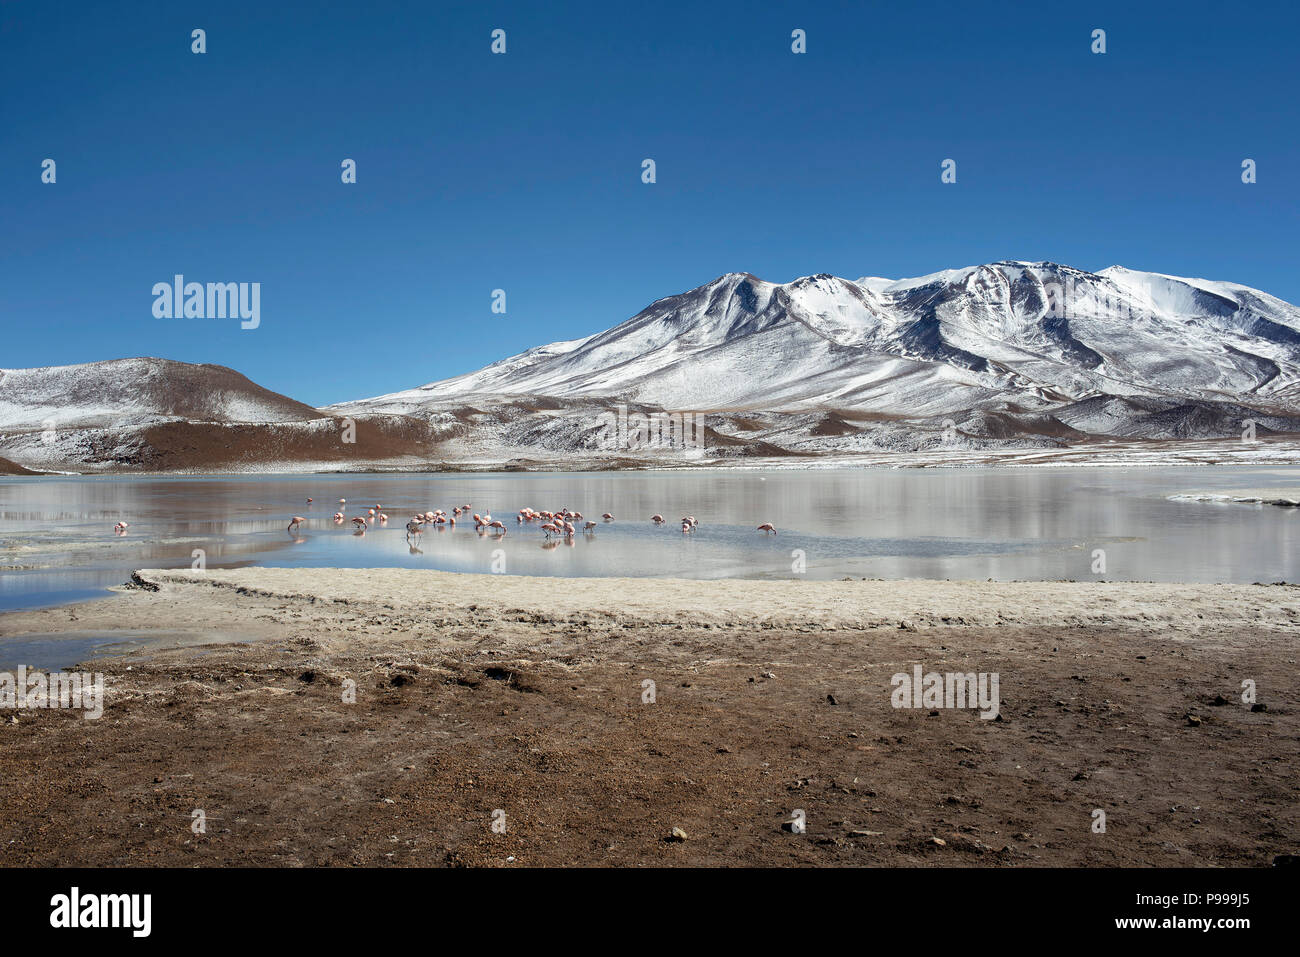 Le paysage d'hiver Cañapa Laguna Cañapa (lac Salé) dans le département de Potosí, en Bolivie. Photo Stock